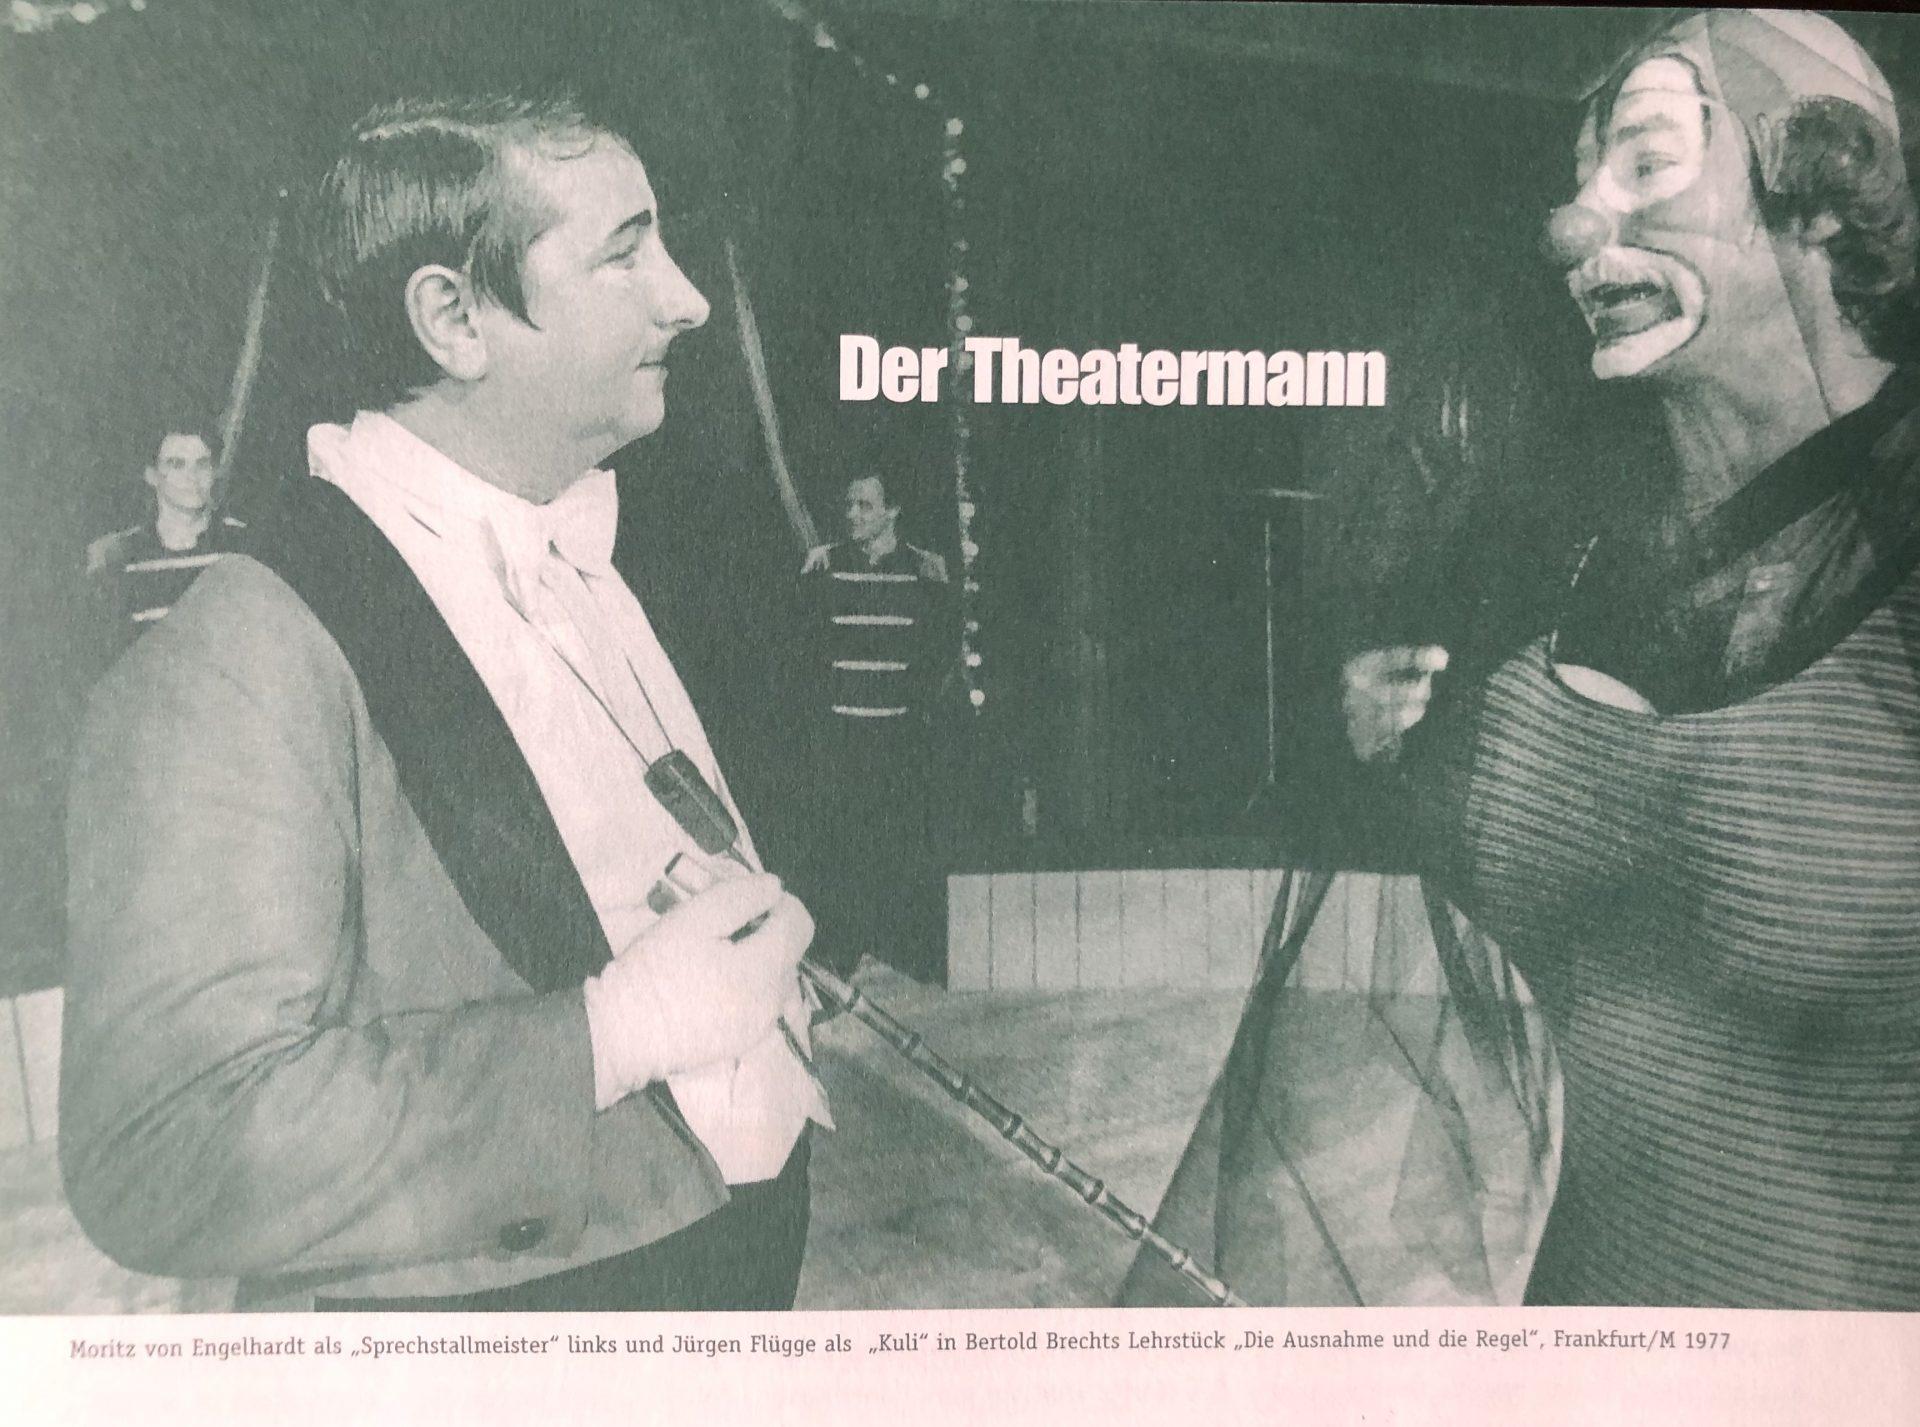 Moritz Theatermann